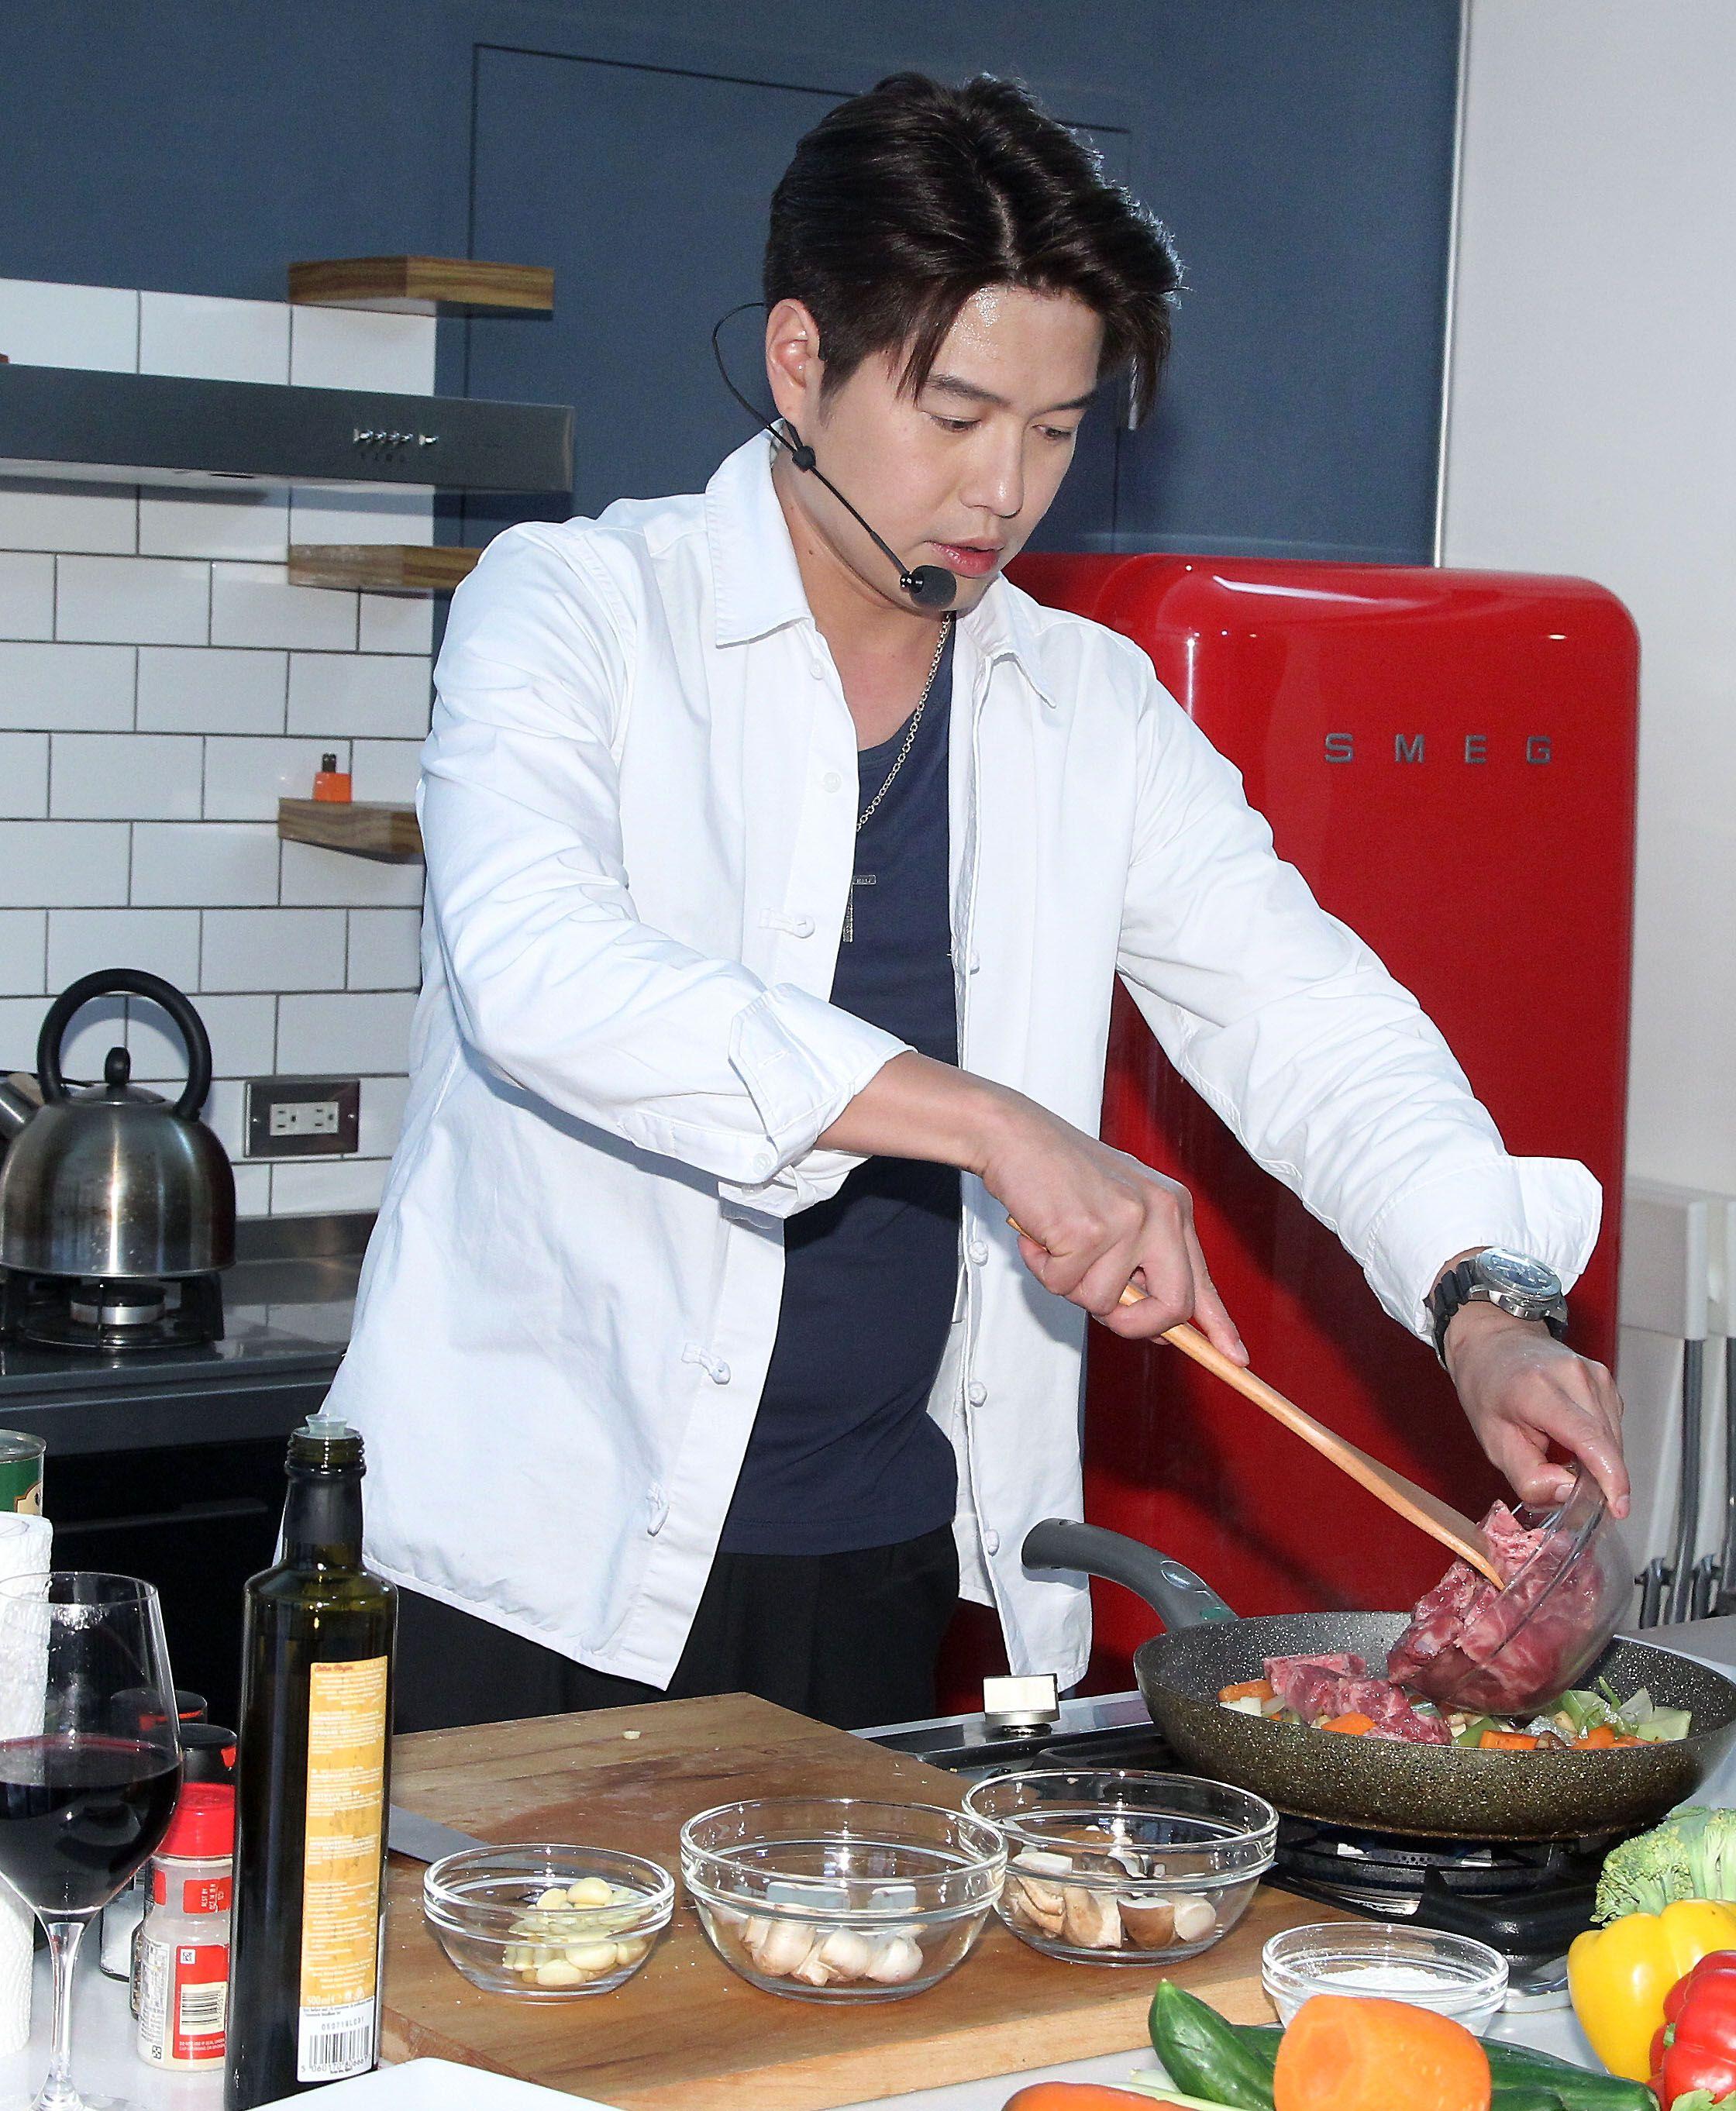 李易親自下廚做紅酒燉牛肉給六月吃,讓六月超感動。(記者邱榮吉/攝影)(未成年勿喝酒)